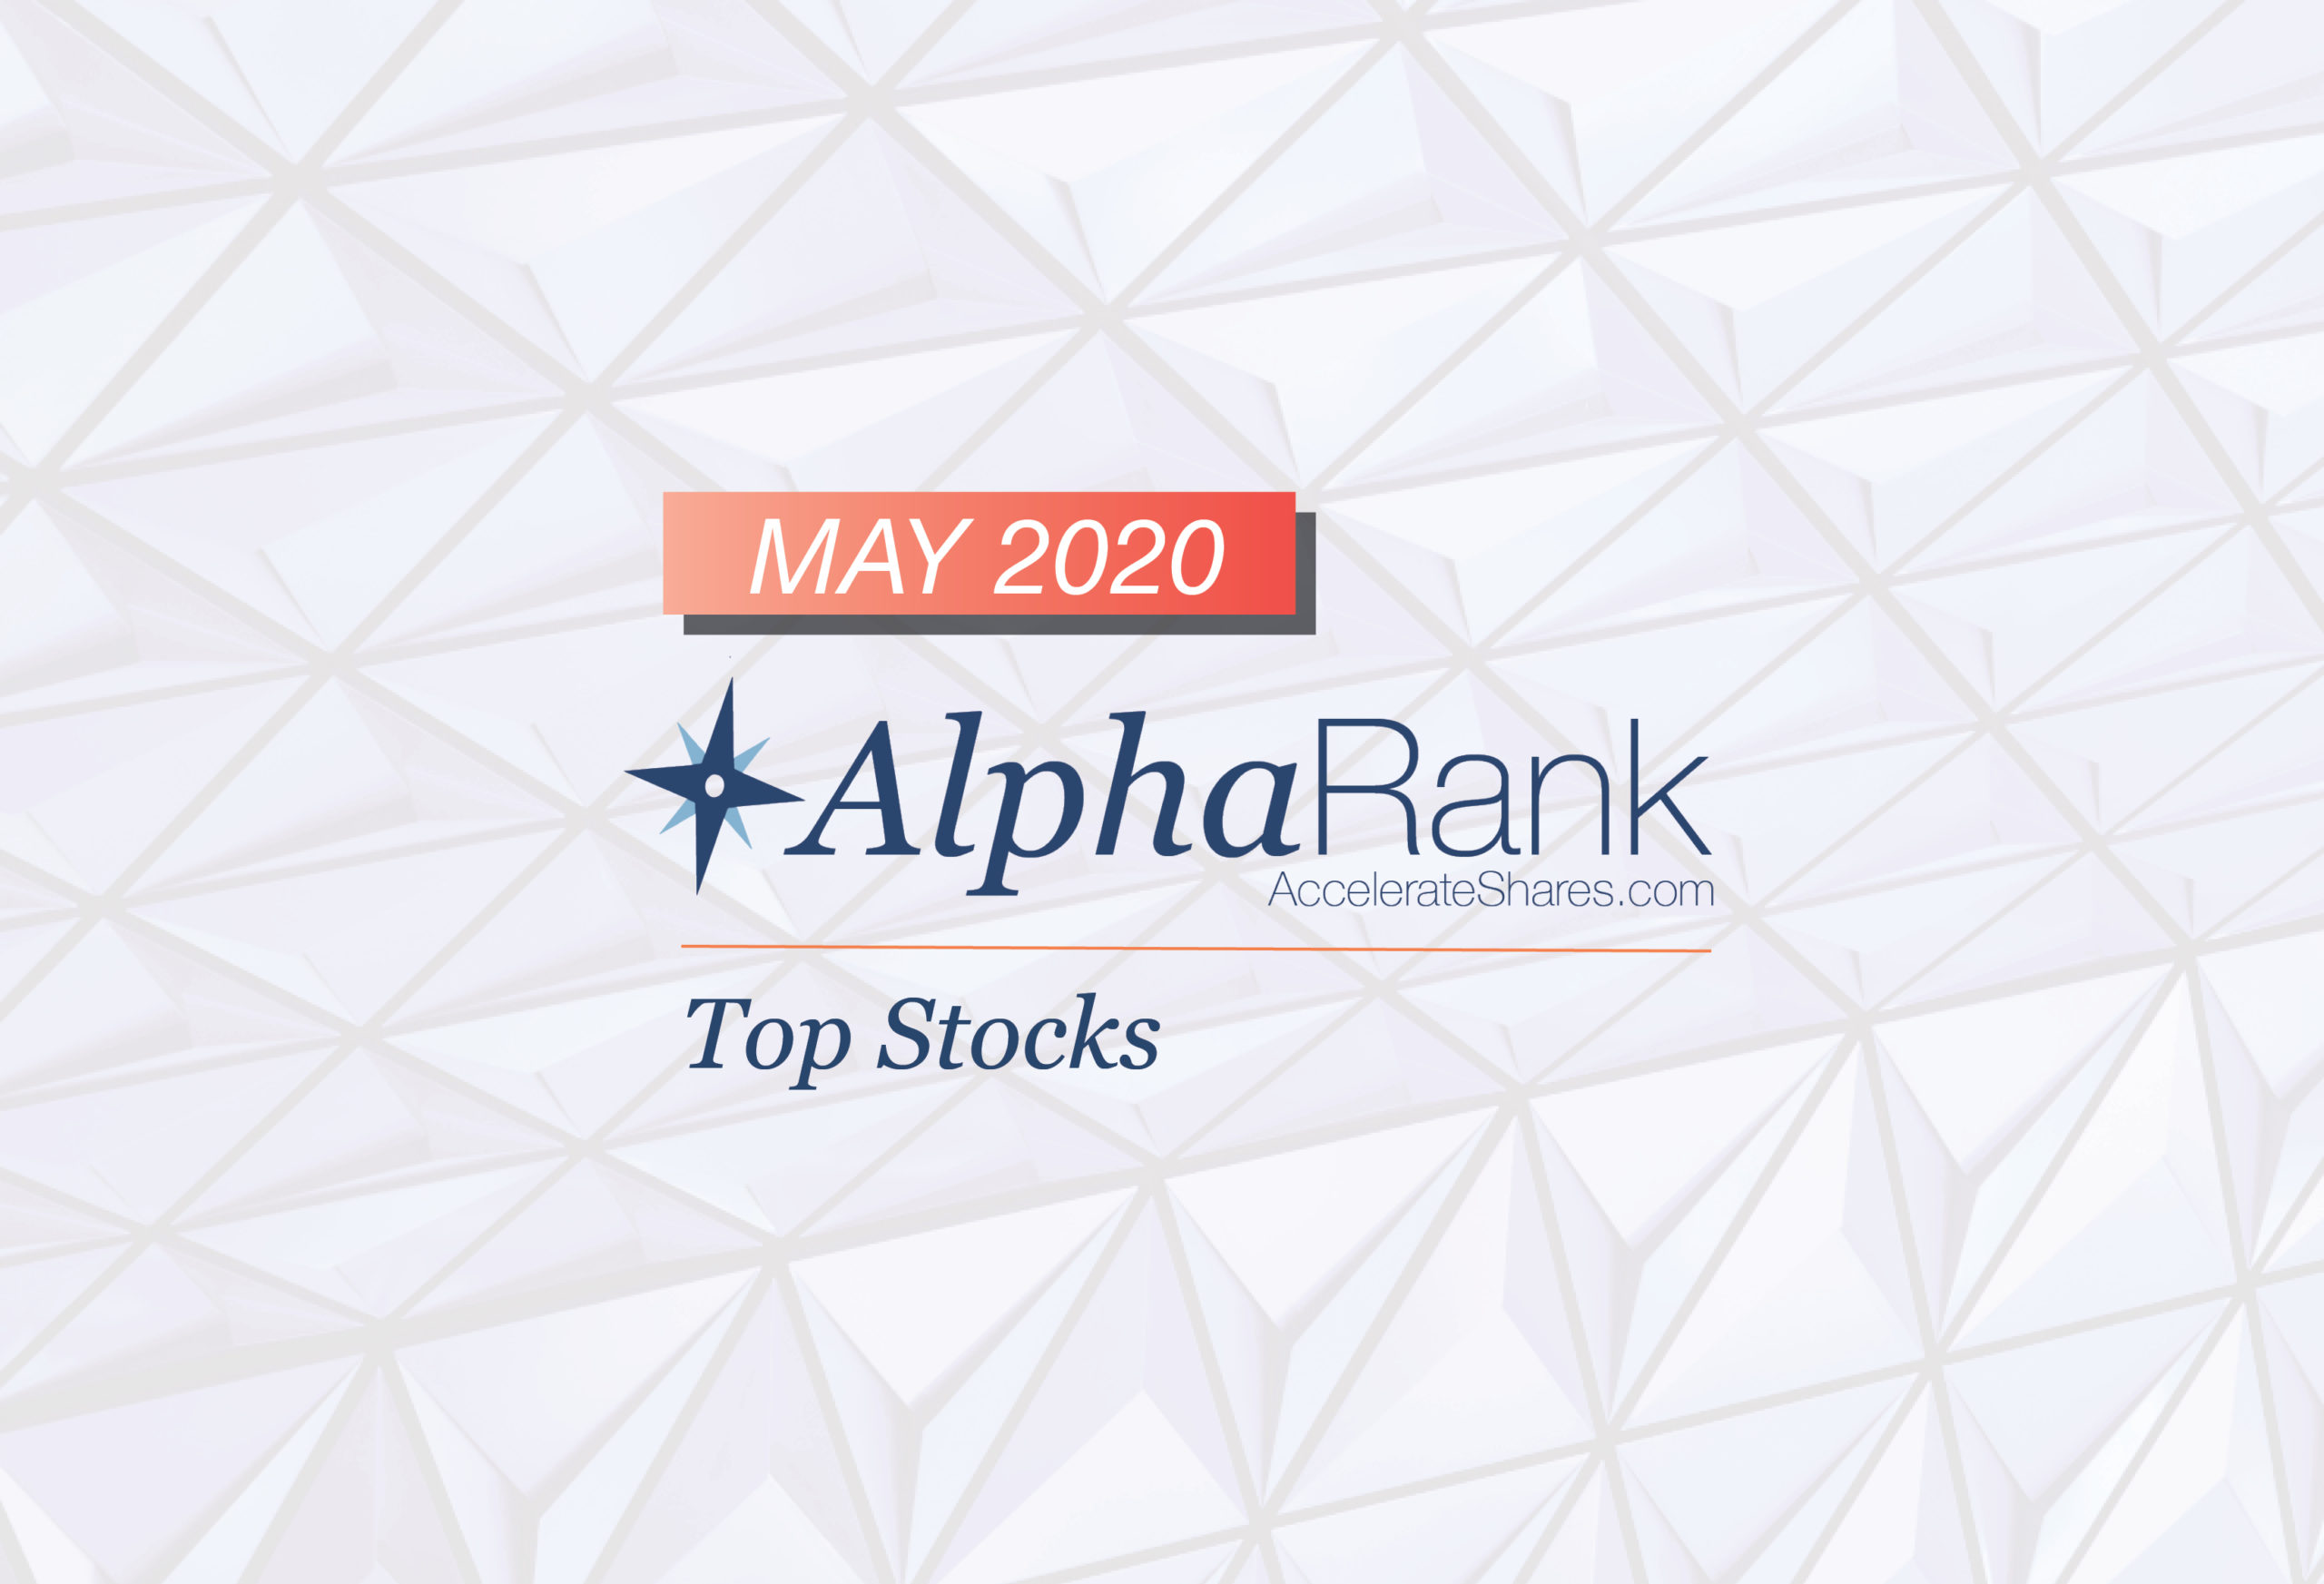 AlphaRank Top Stocks– May 2020